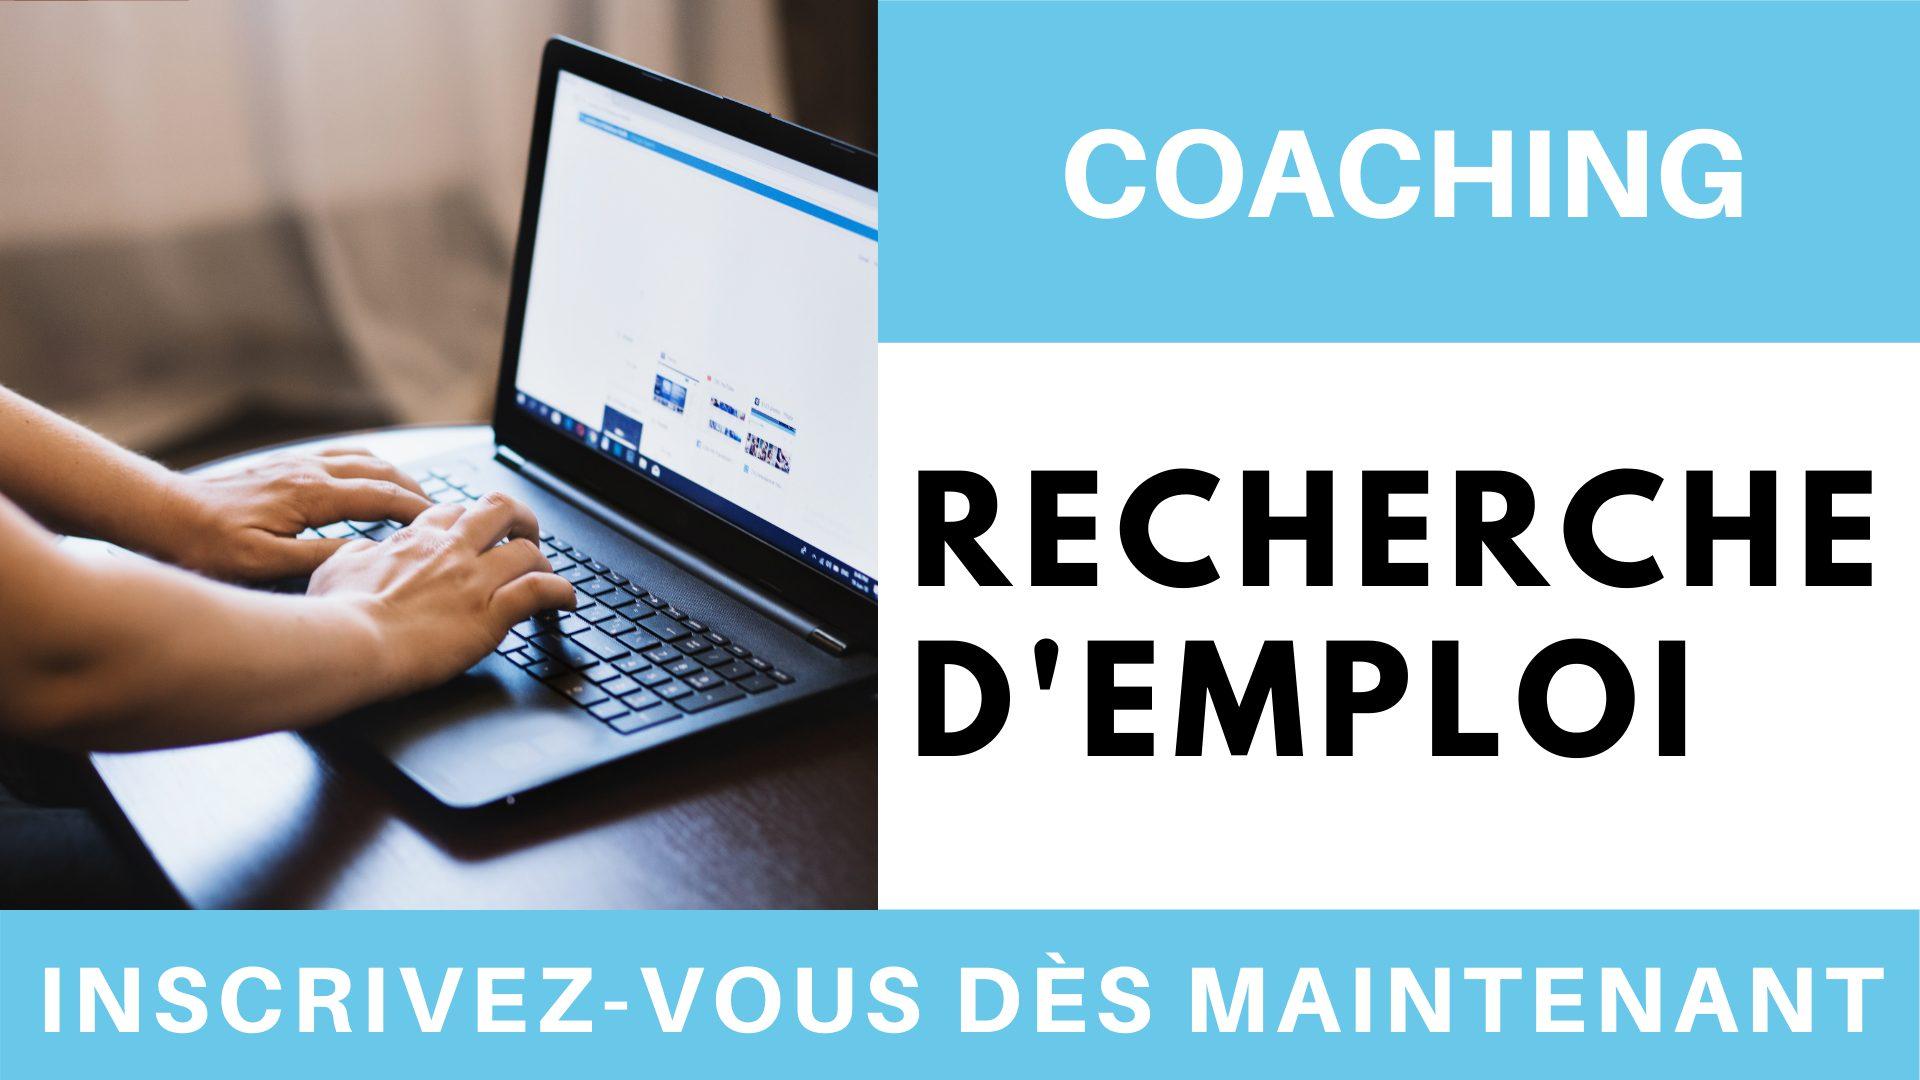 Coaching recherche d'emploi